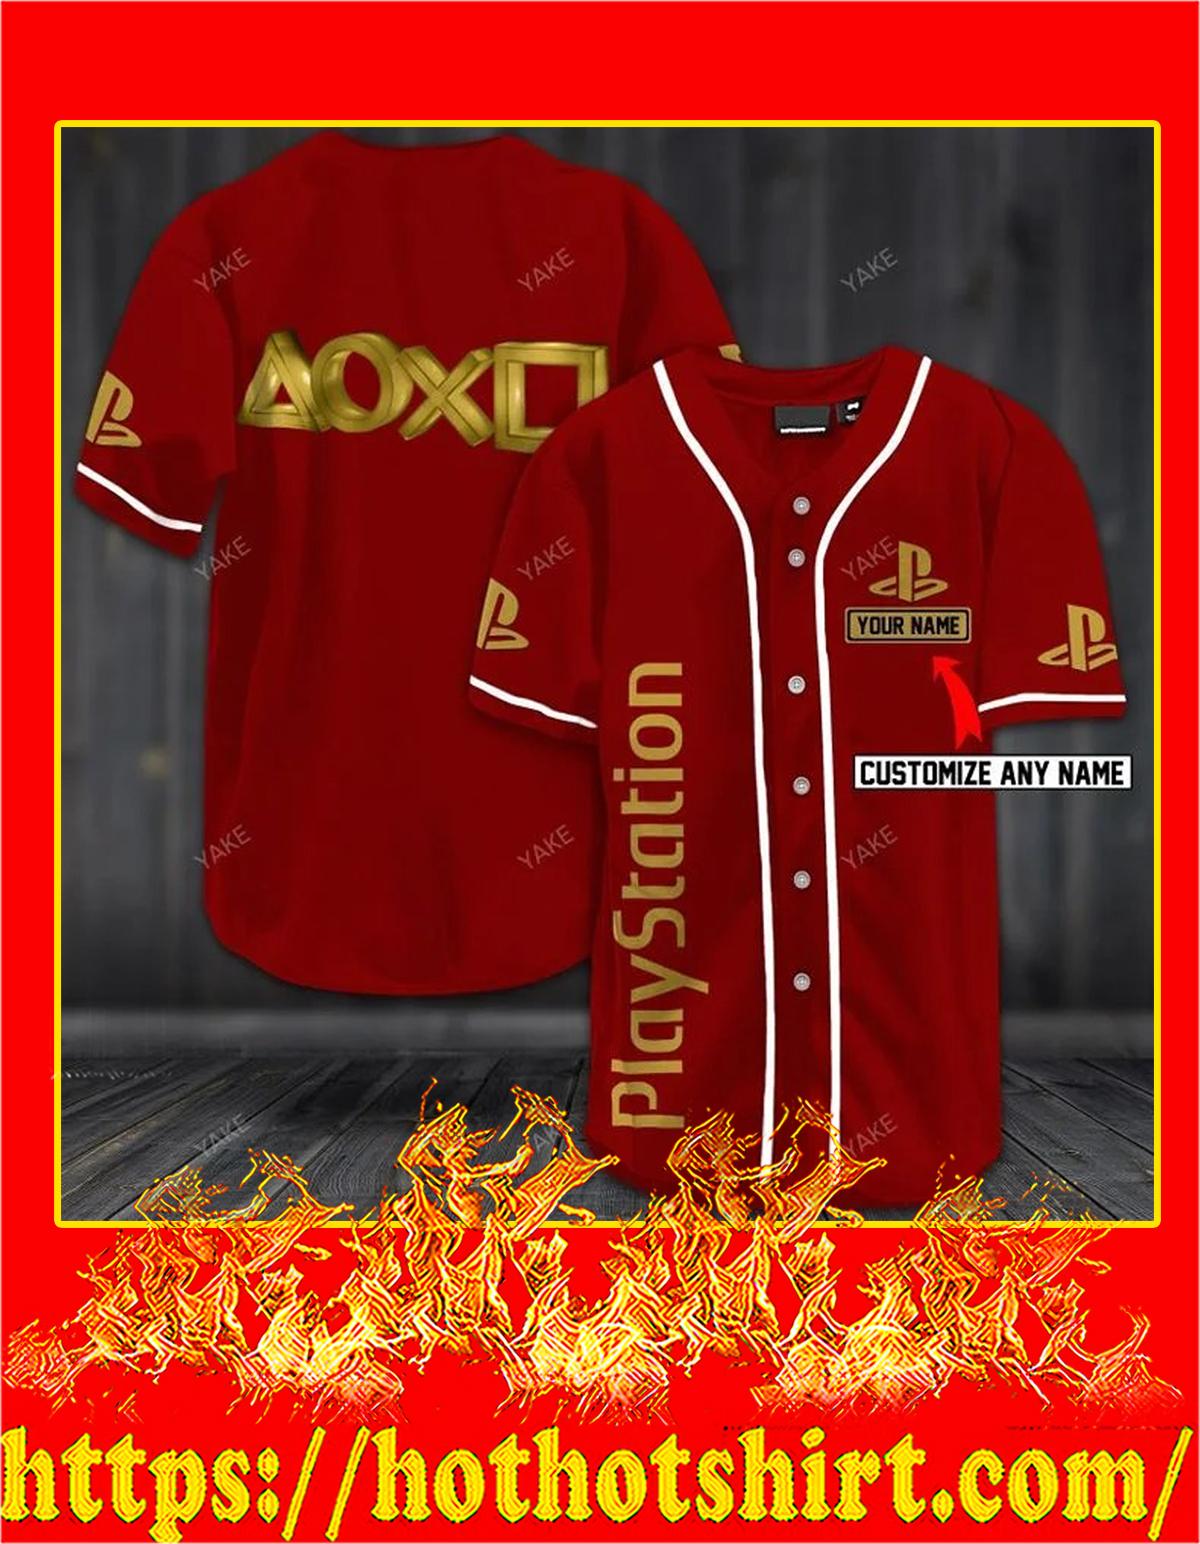 Customize name playstation hawaiian shirt - red